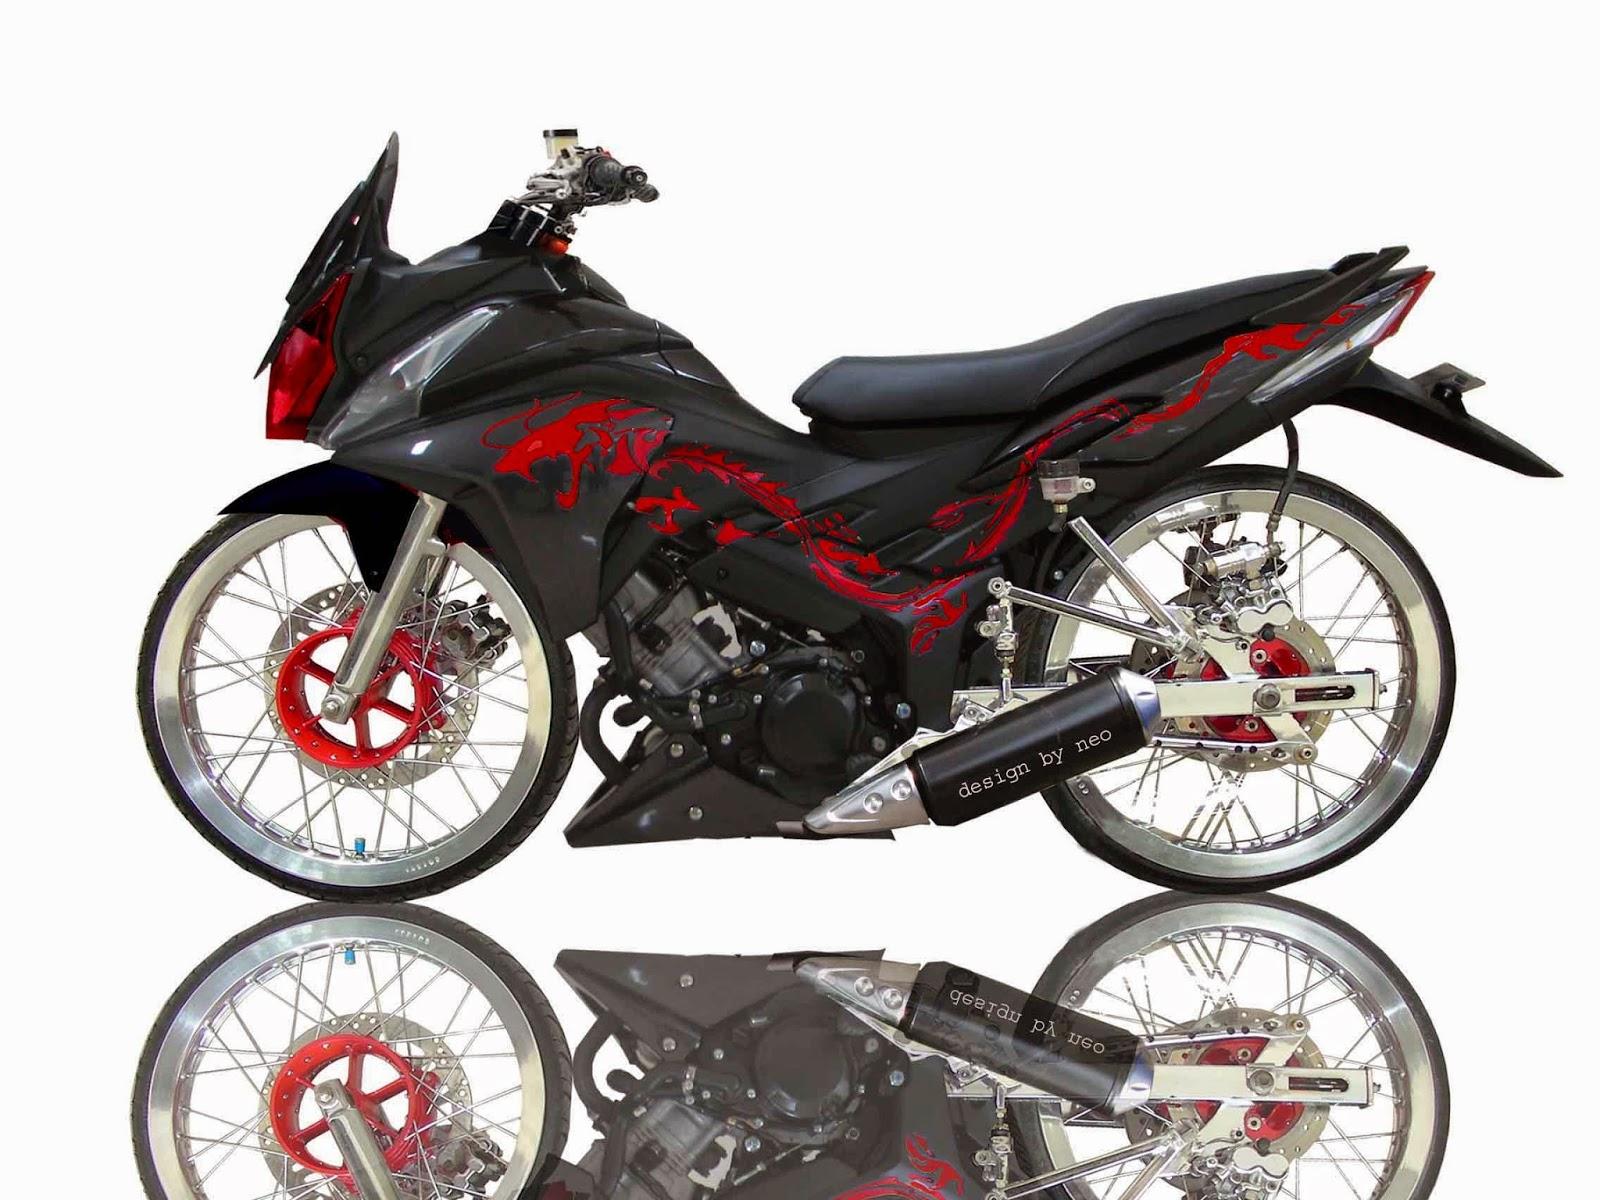 80 Modifikasi Motor Cs1 Honda Terbaik Dan Terupdate Kucur Motor